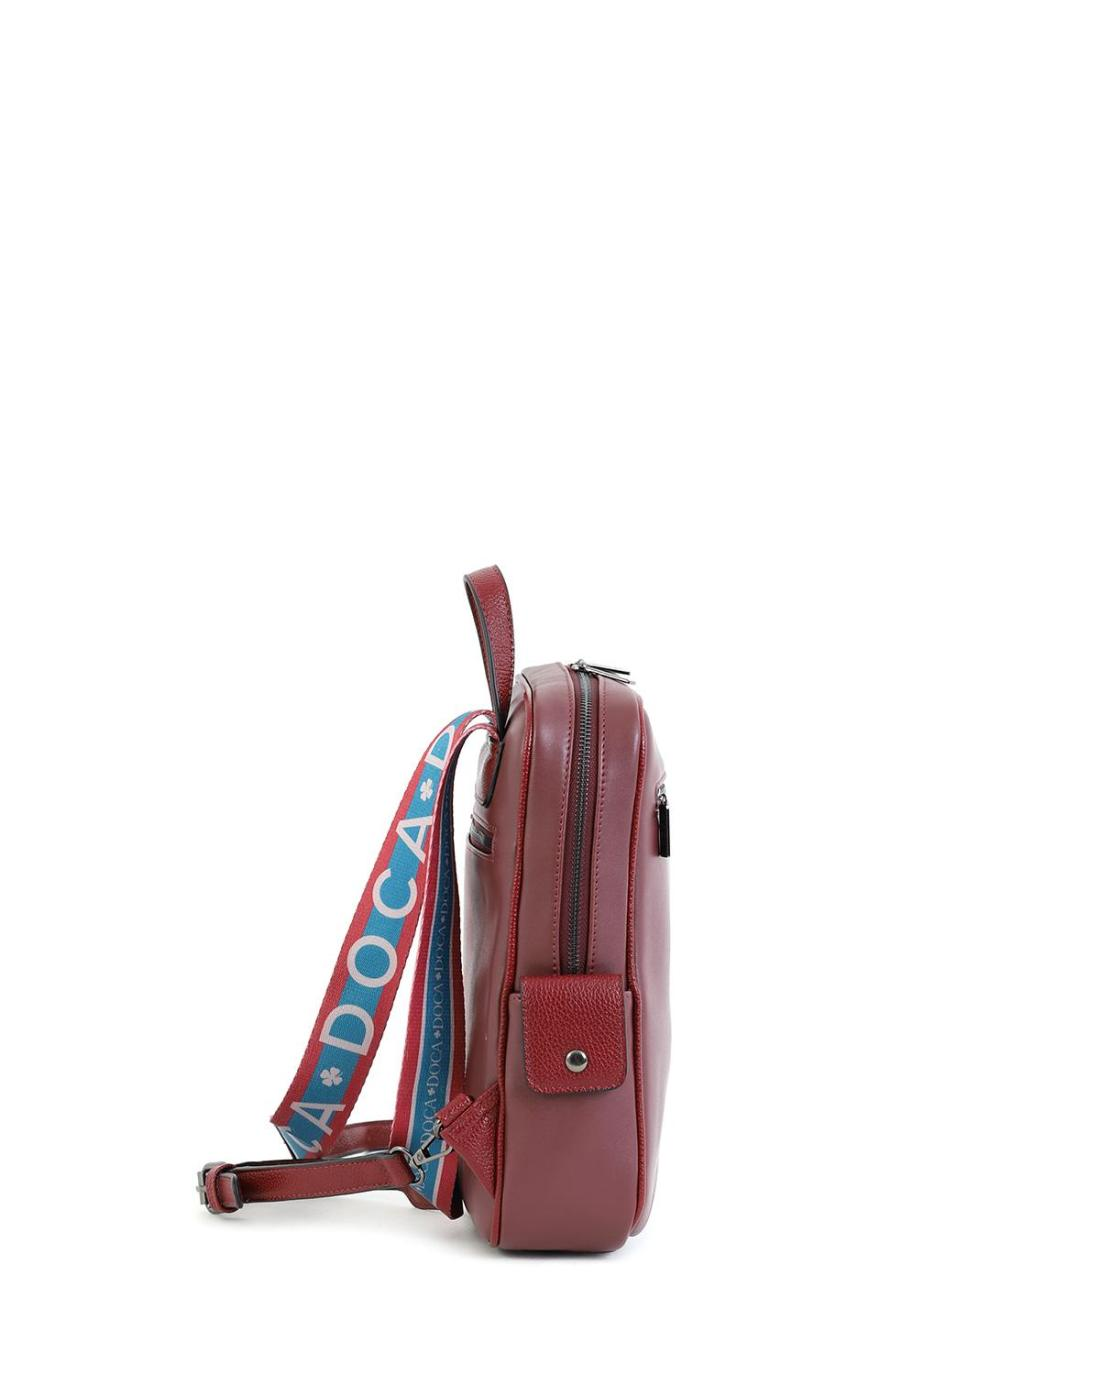 Τσάντα πλάτης μπορντώ